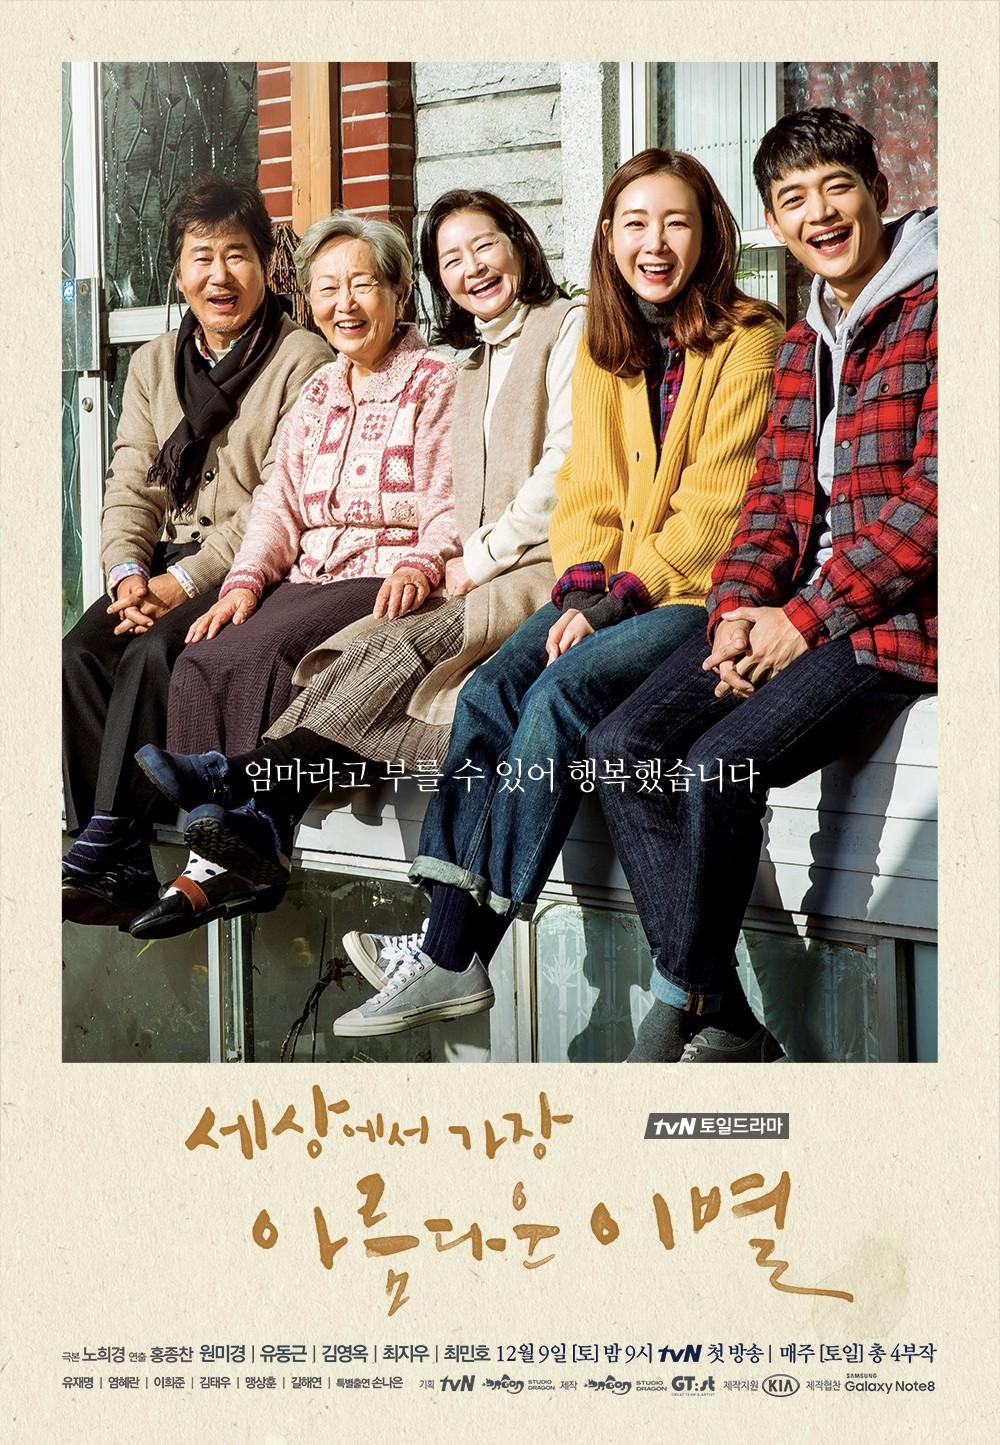 Lời Biệt Ly Đẹp Nhất: Phim Hàn chỉ 4 tập nhưng đủ sức lấy cạn nước mắt người xem - Ảnh 1.